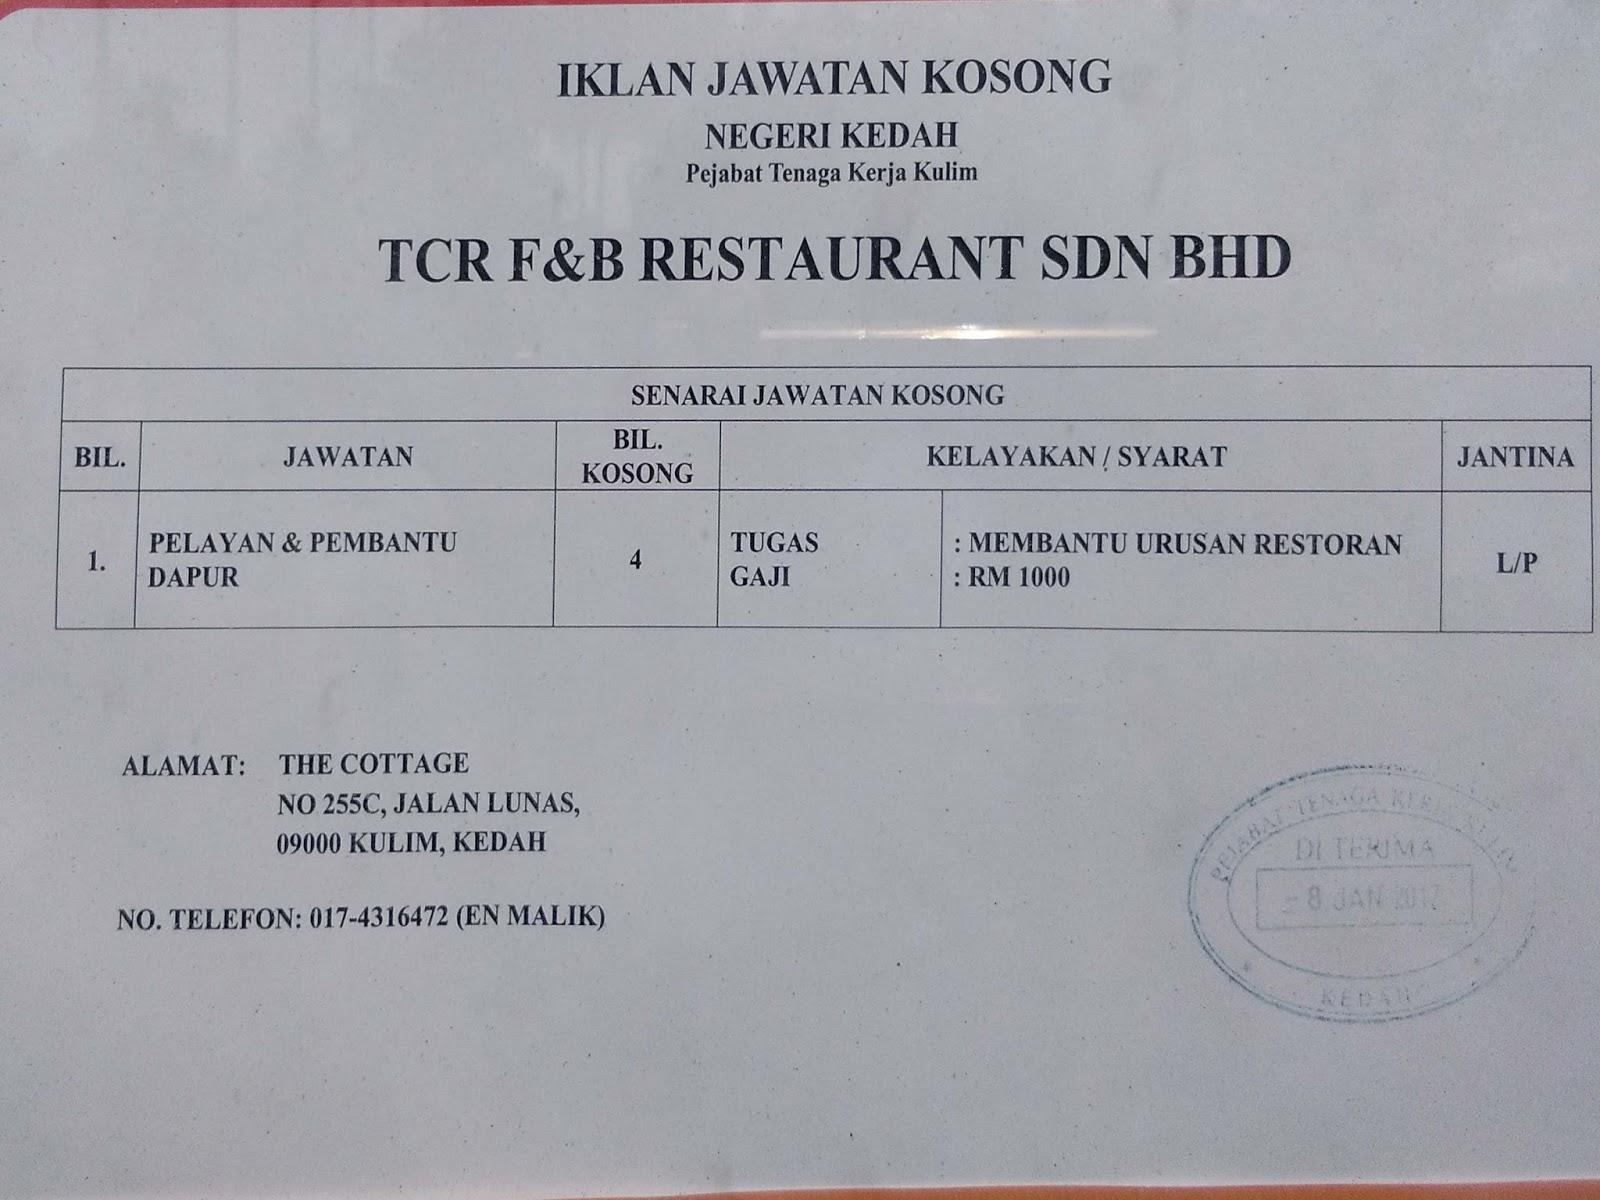 Syarikat Tcr F B Restaurant Sdn Bhd Kawasan Kulim Jawatan 1 Pelayan 2 Pembantu Dapur Hubungi Di